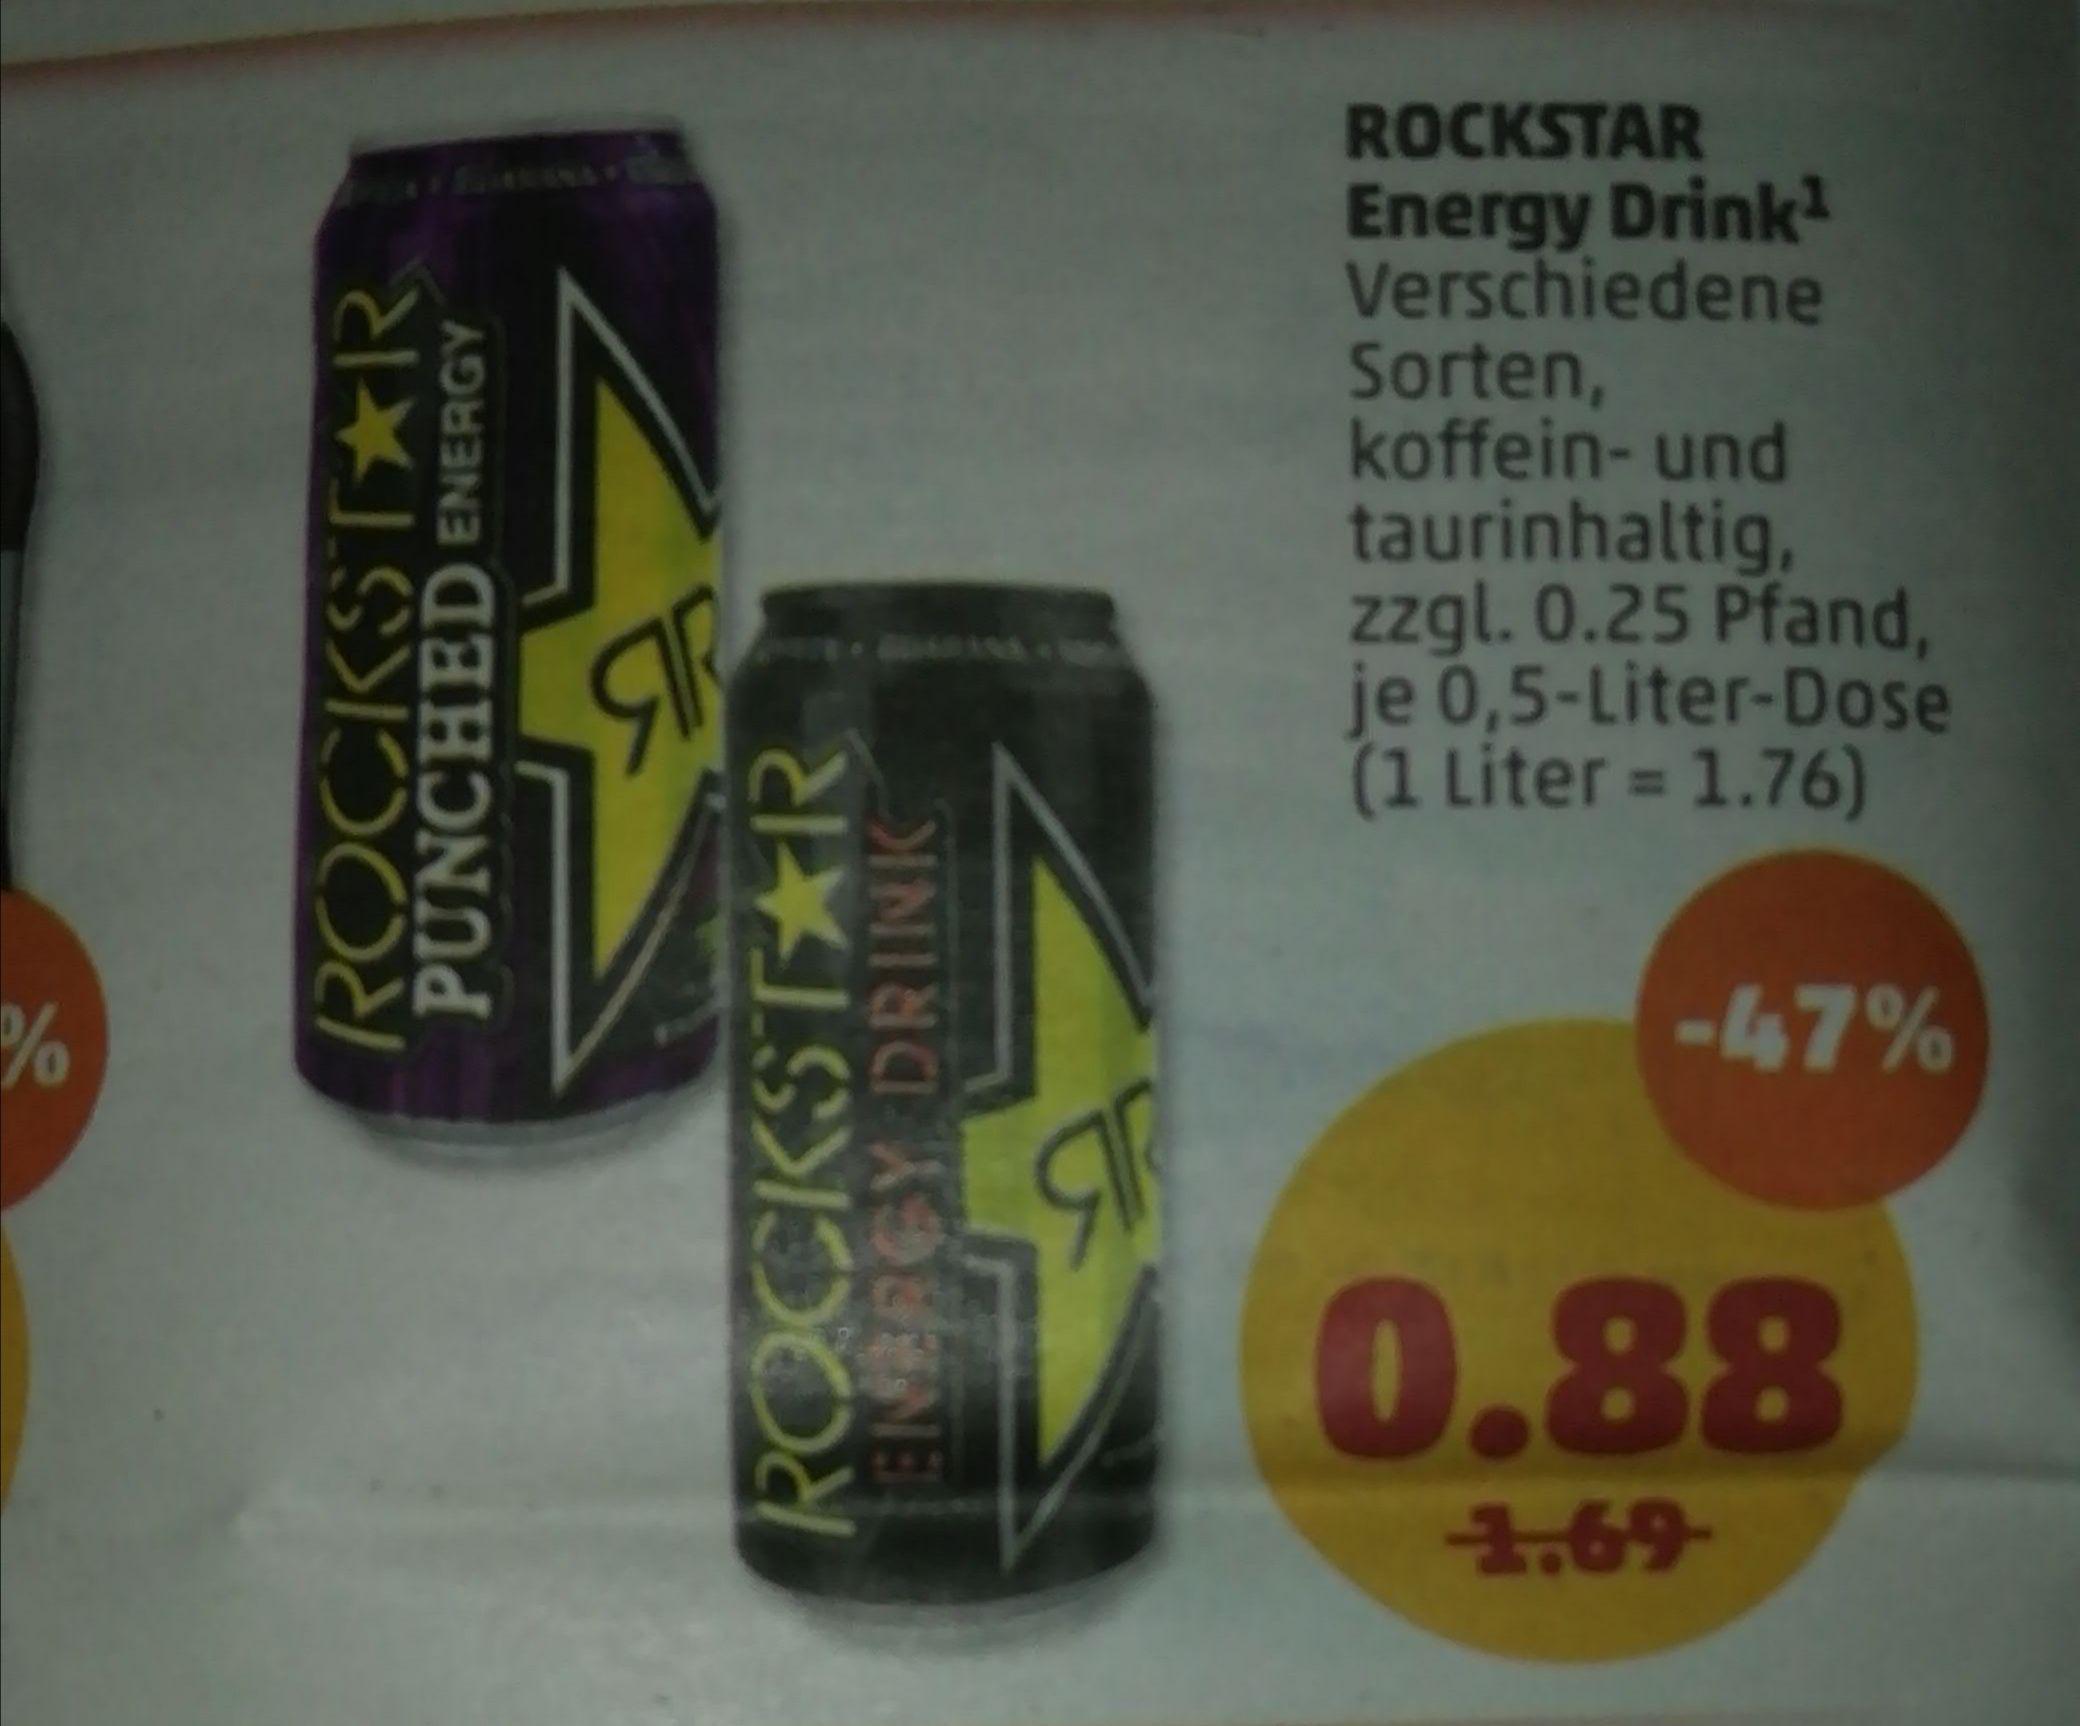 [Penny ab dem 2.12] Rockstar Energy für 88 Cent Verschiedene Sorten